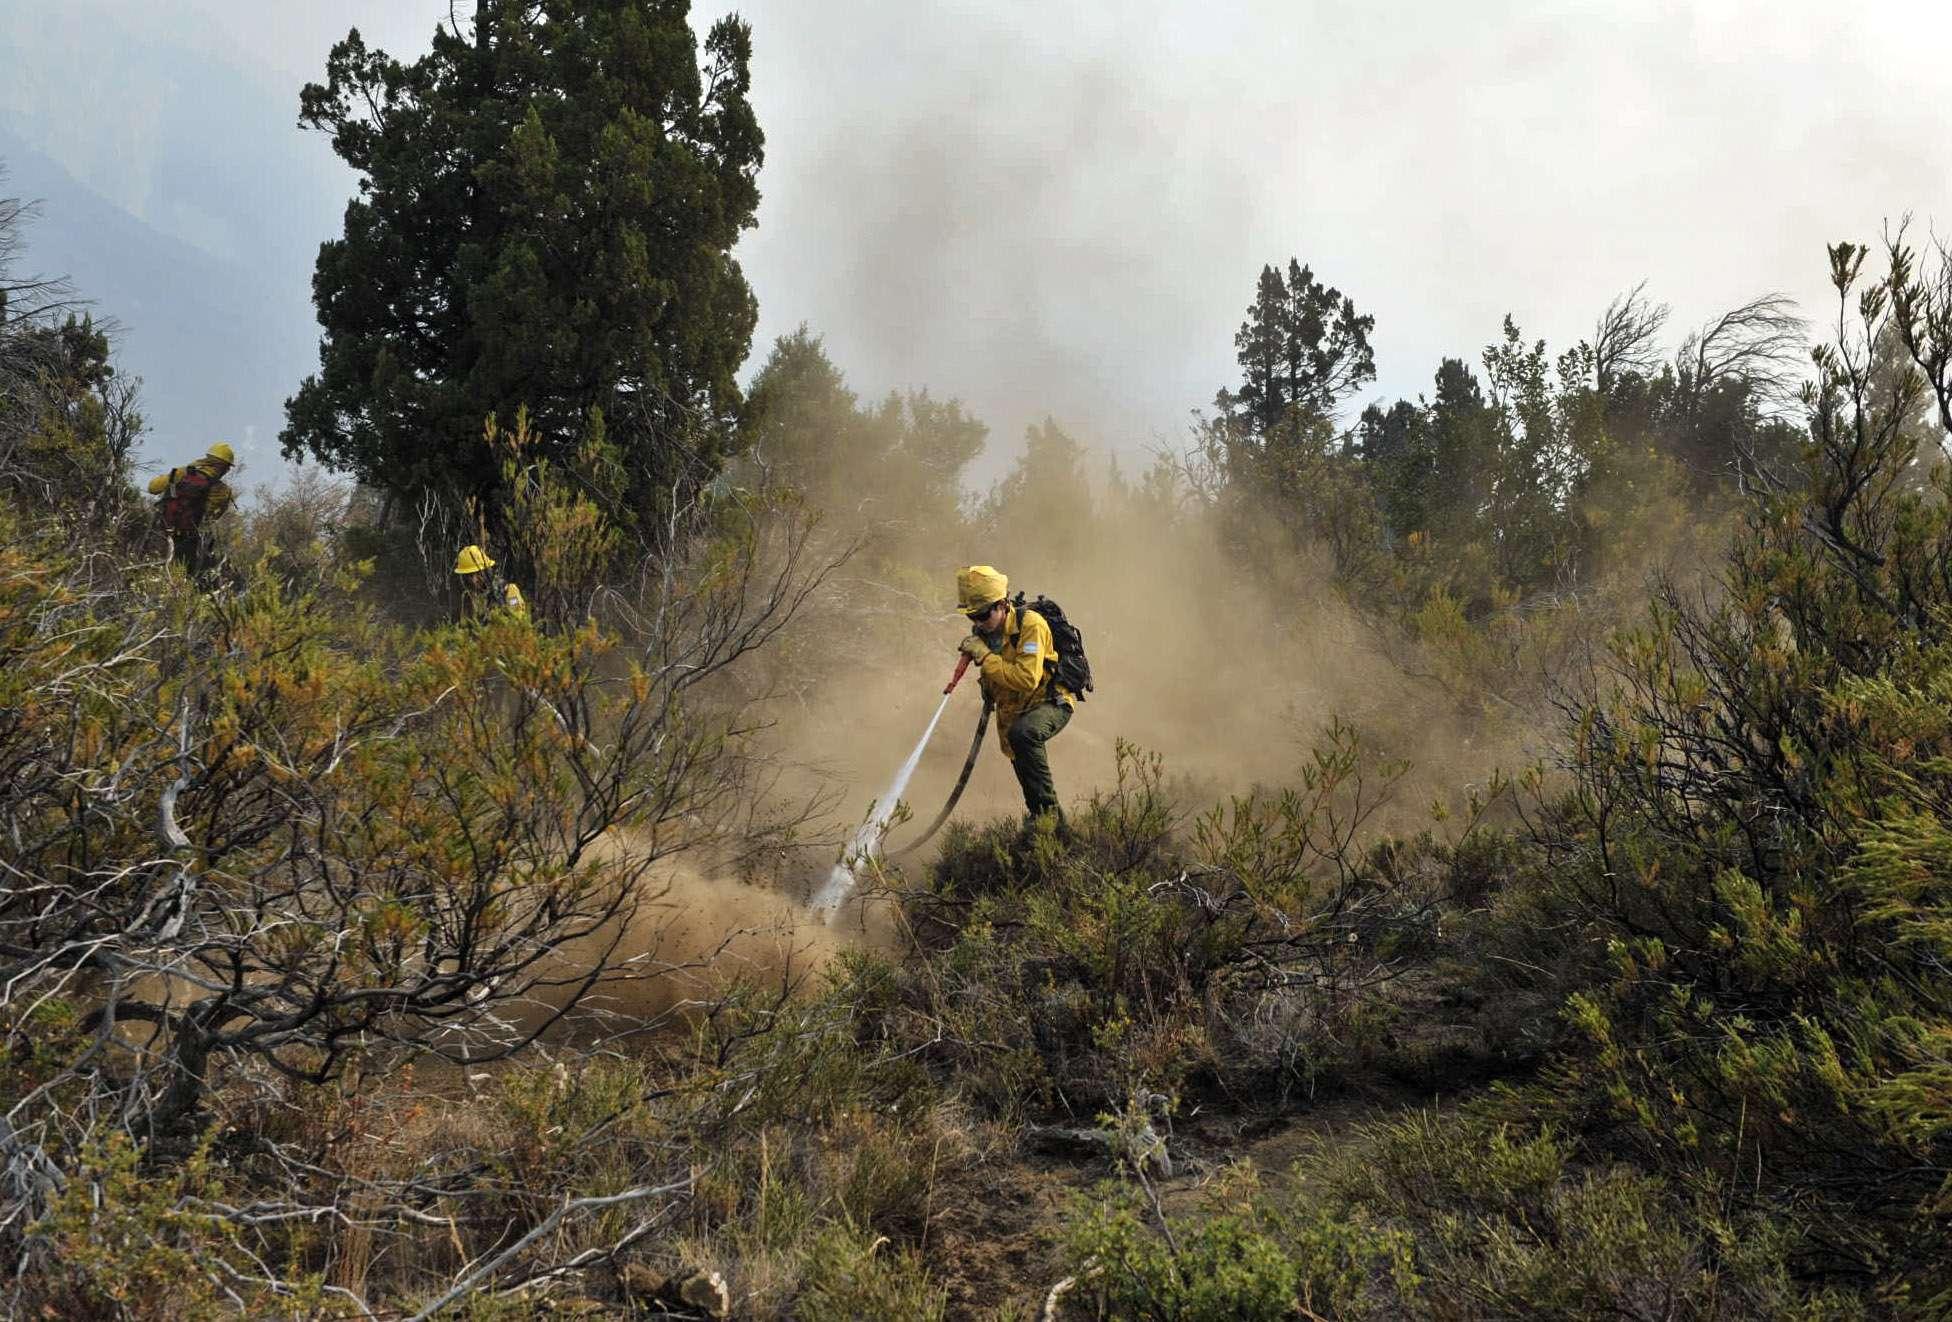 Los incendios consumieron más de 10 mil hectáreas de bosques. Foto: Noticias Argentinas